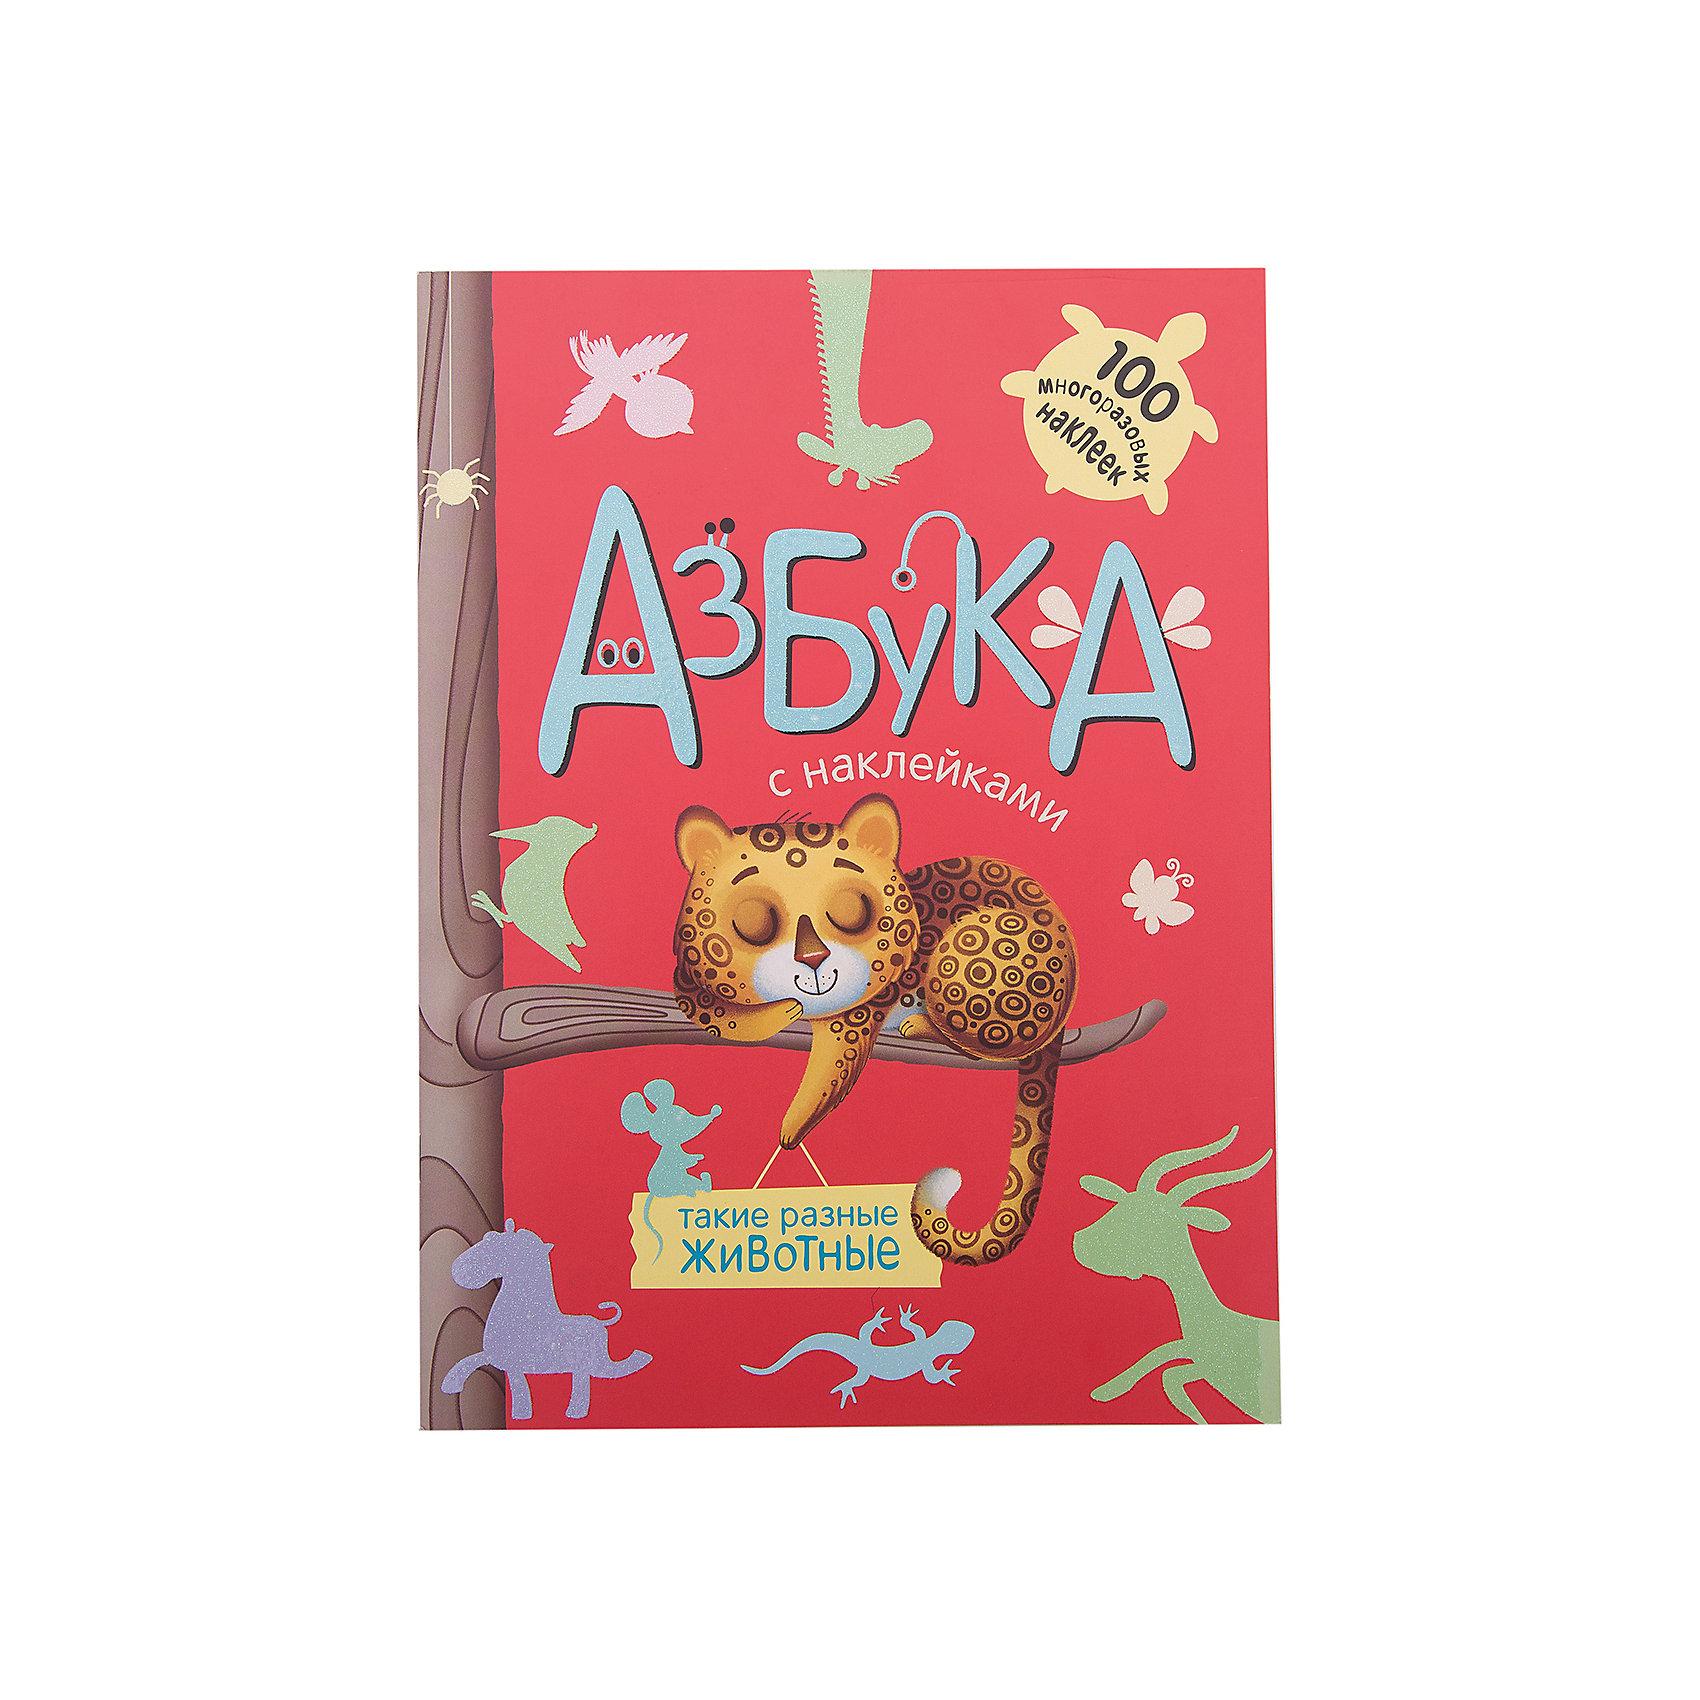 Азбука с наклейками Такие разные животныеАзбуки<br>Характеристики книги Азбука с наклейками:<br><br>• возраст: от 3 лет <br>• пол: для мальчиков и девочек<br>• комплект: книга, 100 многоразовых наклеек.<br>• материал: картон, бумага, мягкий винил.<br>• количество страниц: 32<br>• размер книжки: 21.5х29 см.<br>• тип обложки: мягкая.<br>• иллюстрации: цветные.<br>• бренд: Мозаика-Синтез<br>• страна обладатель бренда: Россия.<br><br>Детская книга Азбука с наклейками - это книга для самых маленьких, которые только начинают изучать алфавит. В книжке на каждую букву алфавита есть животное. Животных в книге много и представляют они различные виды, но этих животных надо будет найти среди наклеек и правильно приклеить, в этом ребенку помогут яркие картинки и интересные стишки.<br><br>Азбука с наклейками Такие разные животные издательства Мозаика-Синтез можно купить в нашем интернет-магазине.<br><br>Ширина мм: 3<br>Глубина мм: 215<br>Высота мм: 290<br>Вес г: 192<br>Возраст от месяцев: 36<br>Возраст до месяцев: 84<br>Пол: Унисекс<br>Возраст: Детский<br>SKU: 5362867